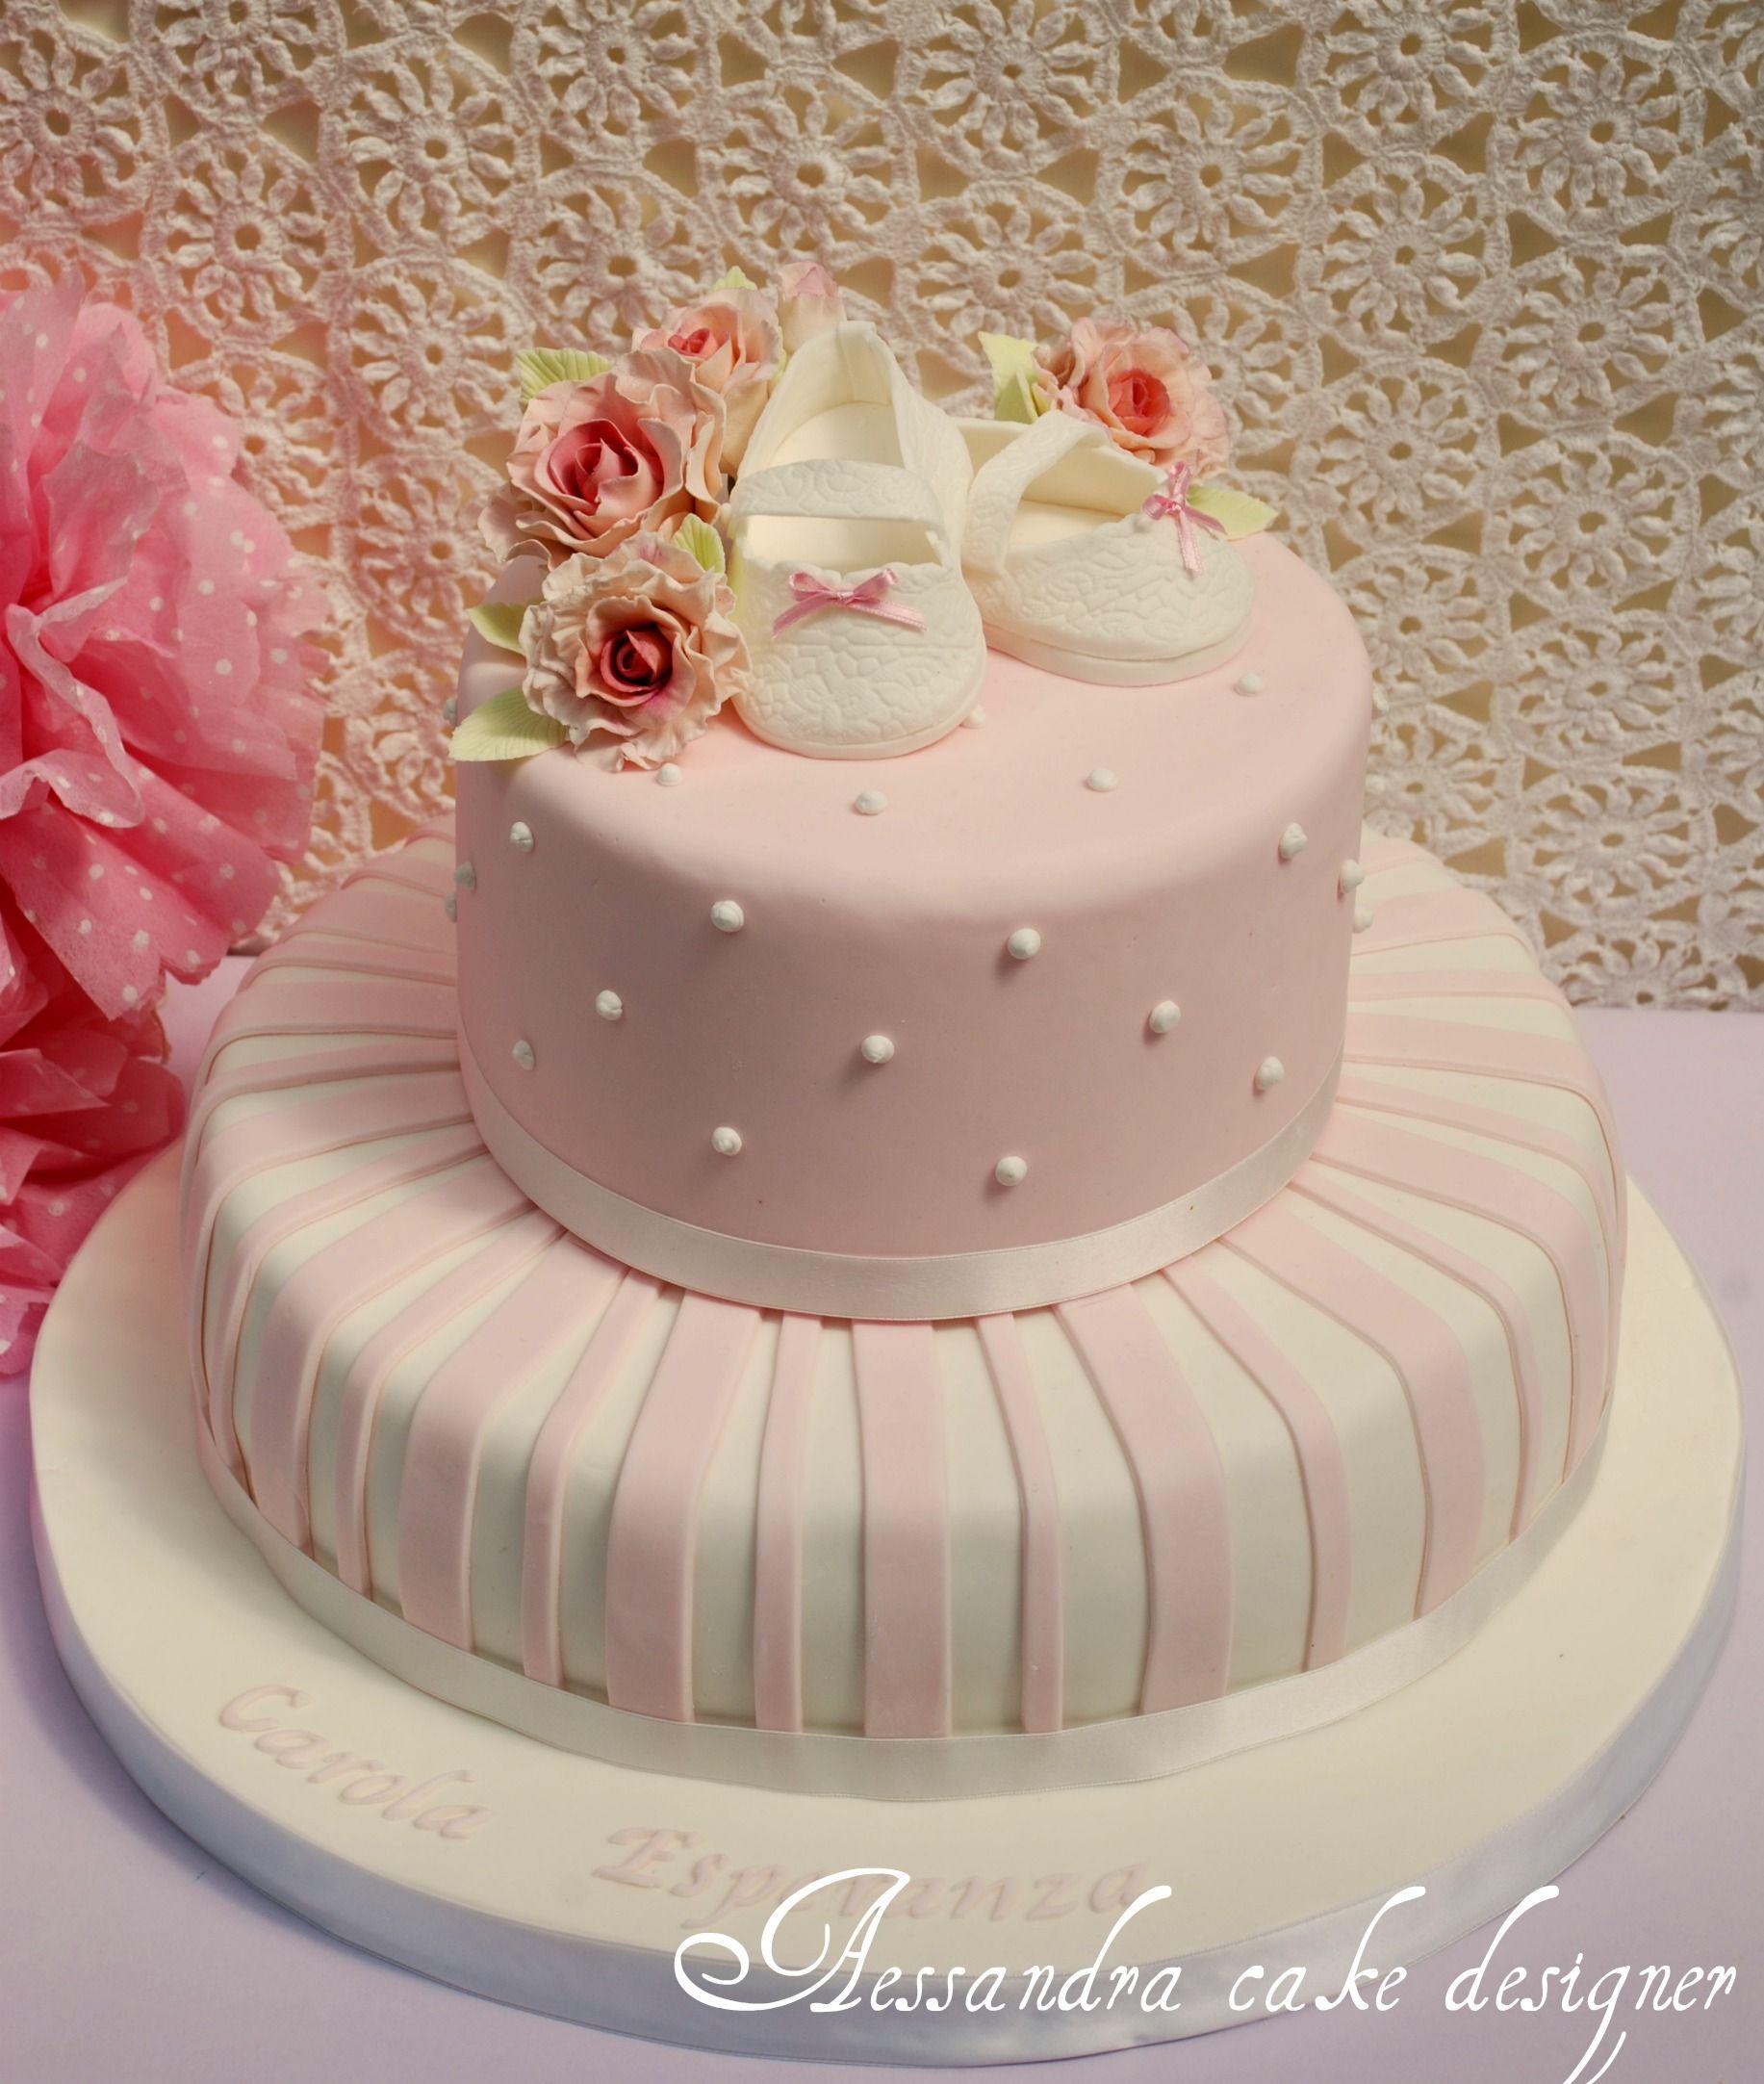 Wyatts Baby Dedication Baptism Cake Buttercream cakes